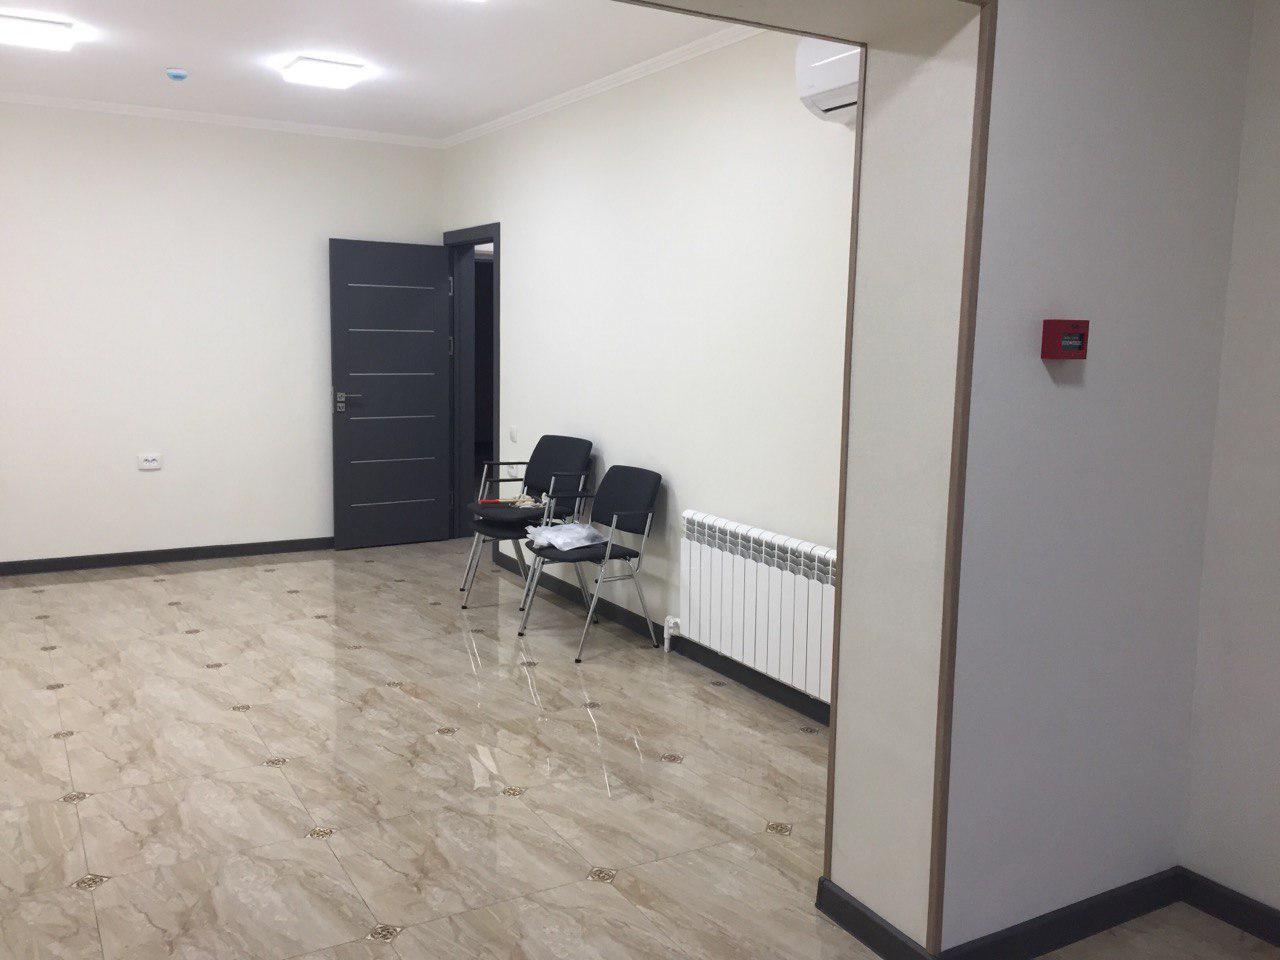 Продам новый офис 100 м кв со свежим евро ремонтом на Башлыке в Ташкенте.